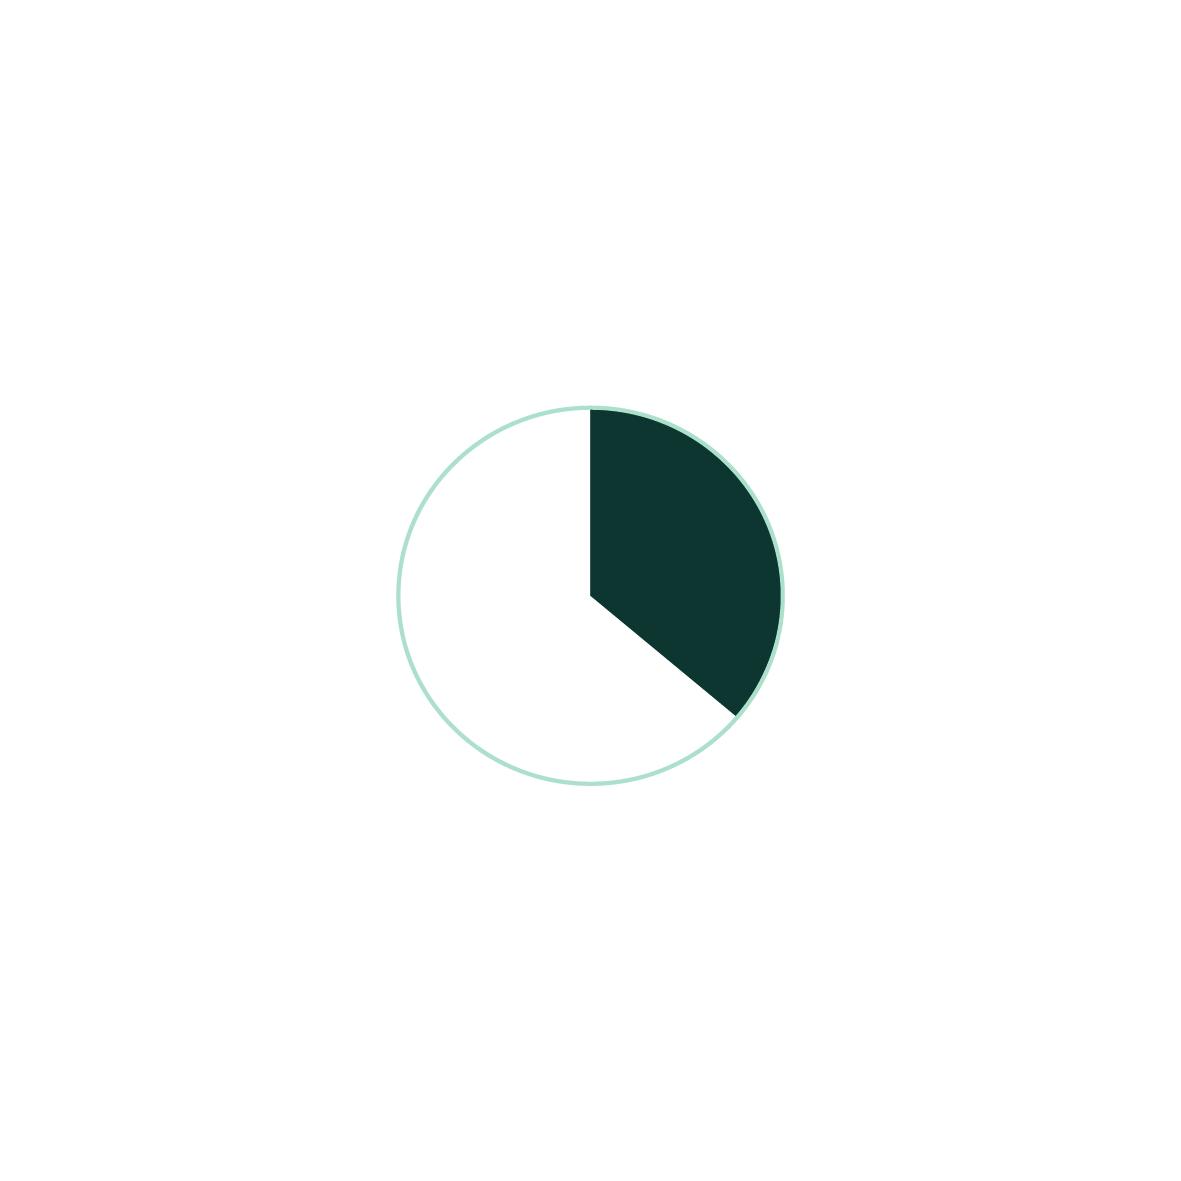 PLANLEGGINGSFASEN 30 - 45%   I planleggingsfasen kartlegges rammebetingelser, muligheter undersøkes og prosjektet tar form. Det er ofte en glidende overgang til detaljeringsfasen. I mange tilfeller ender planleggingsfasen i en rammetillatelse fra kommunen.    AVKLARINGSMØTE  Første møte tar vi gjerne på vårt kontor. Vi går igjennom kundens ønsker, økonomi, ambisjoner og visjoner, romprogram og fremdrift. Avtaleforslag utarbeides og sendes innen få dager.    MULIGHETSSTUDIE / SKISSEPROSJEKT  Vi kommer på befaring, innhenter underlagsmateriale og aktuelle reguleringsplaner, samt annen relevant informasjon. Tomten og bygget analyseres, og vi utarbeider skisser til løsning som presenteres for kunden.    FORPROSJEKT  Komplett tegningsmateriale utarbeider i samarbeid med Fjord Ingeniører, og prosjektet ytre rammer låses. På forespørsel utarbeider vi et estimert byggebudsjett, og lister opp aktuelle fagområder som må involveres. Rammesøknad sendes til kommunen.